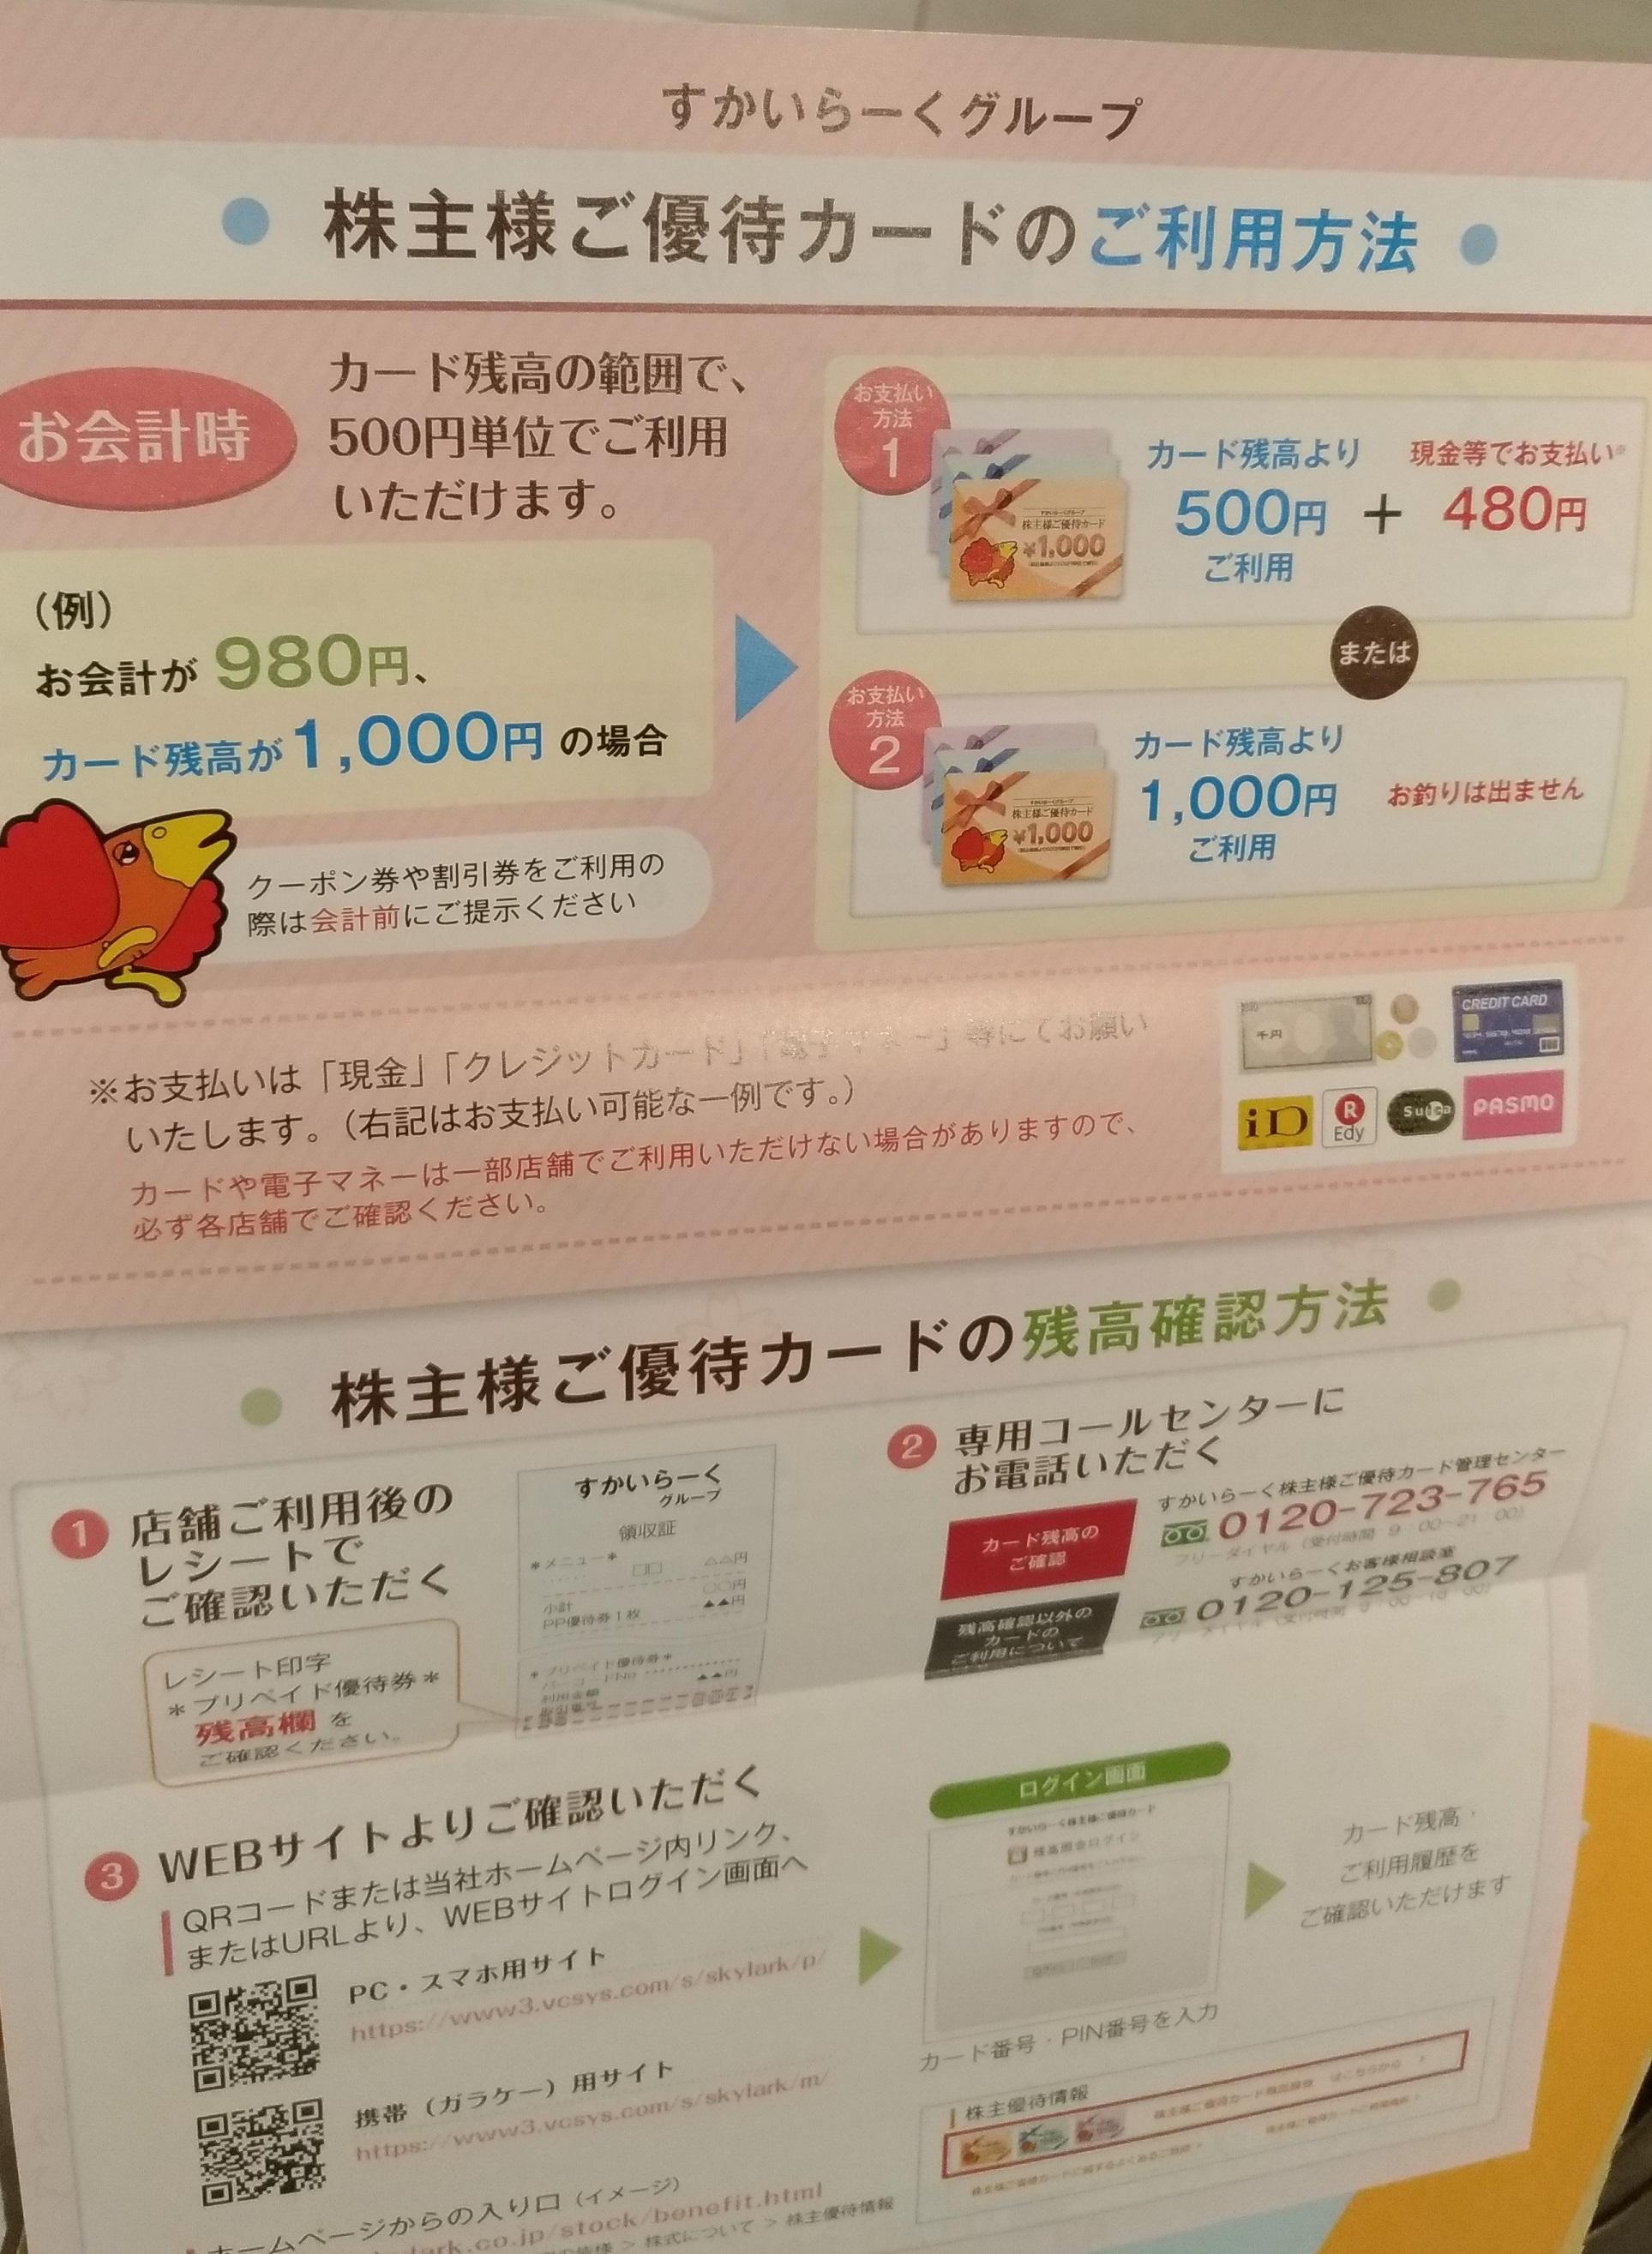 sukairaku_yutai_card_zandaka2019.jpg